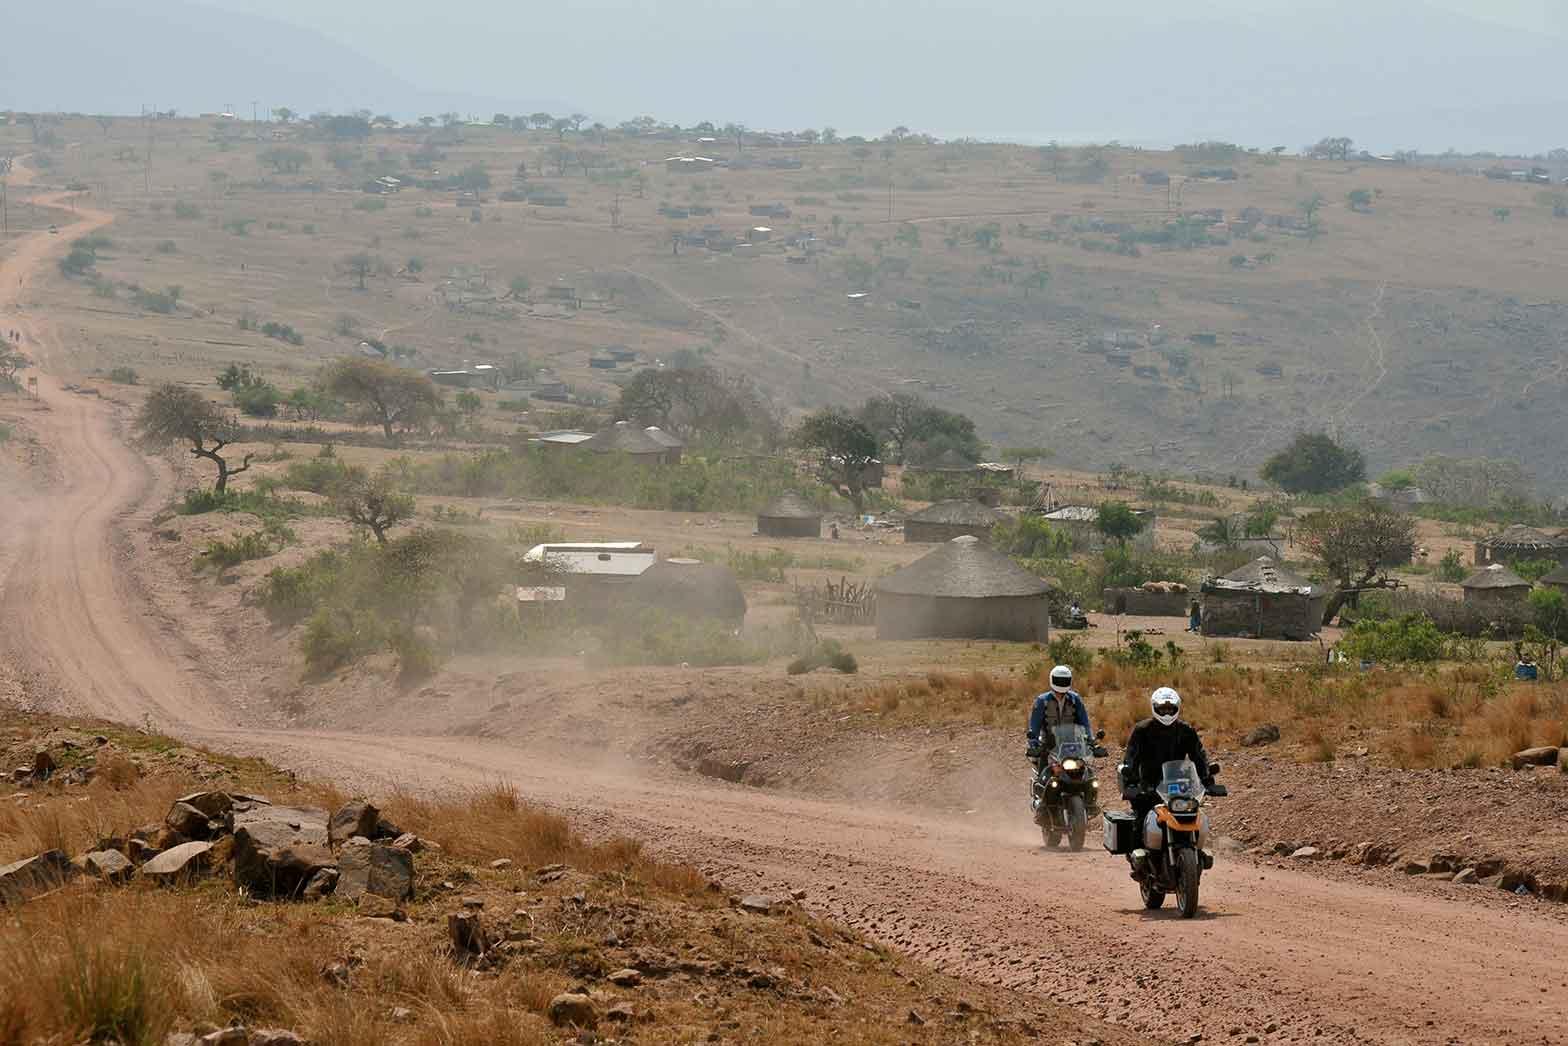 Two Riders, Kwa Zulu Natal Province